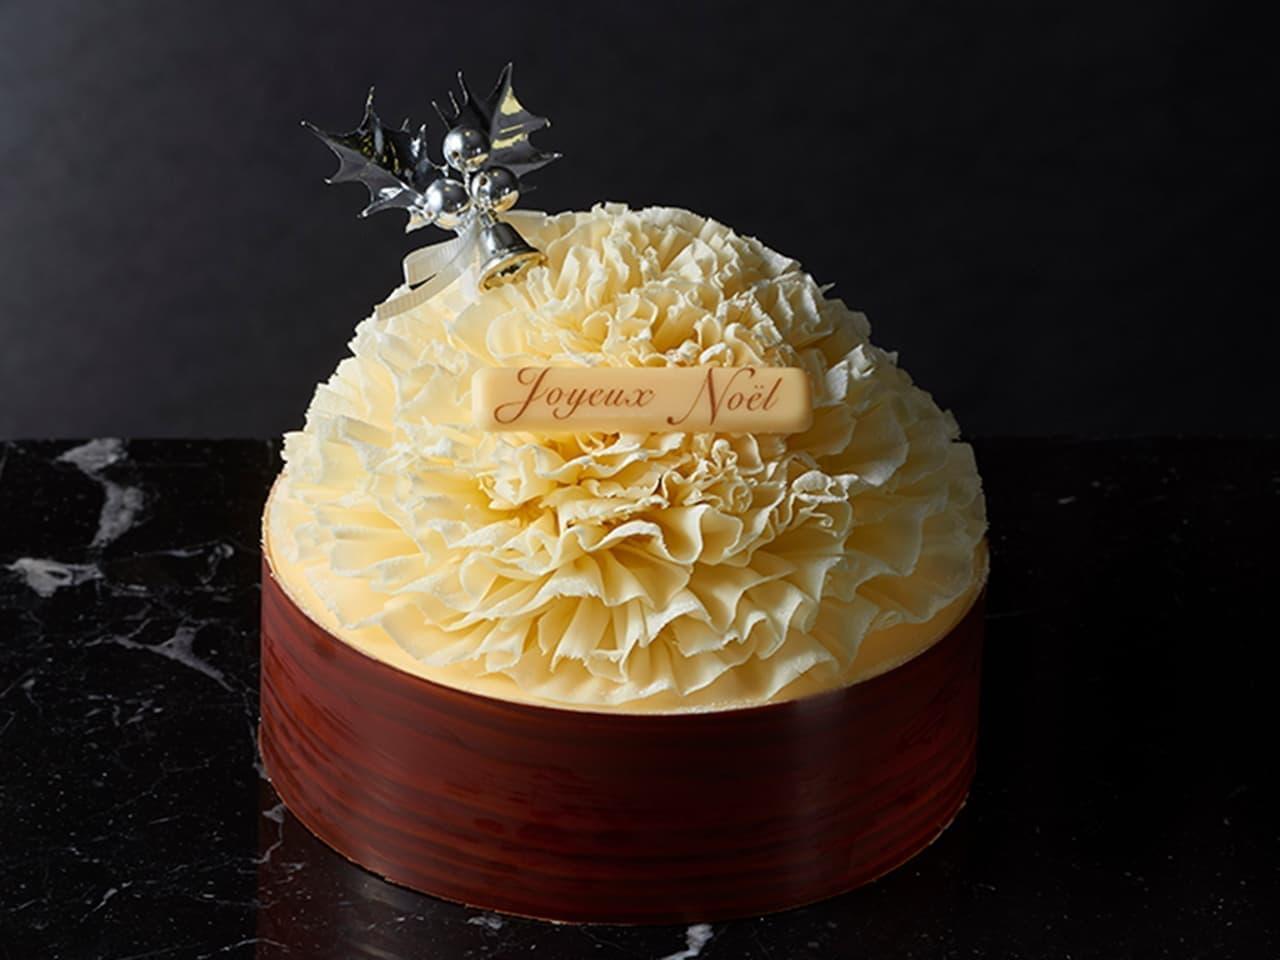 ヴィタメールのクリスマスケーキ